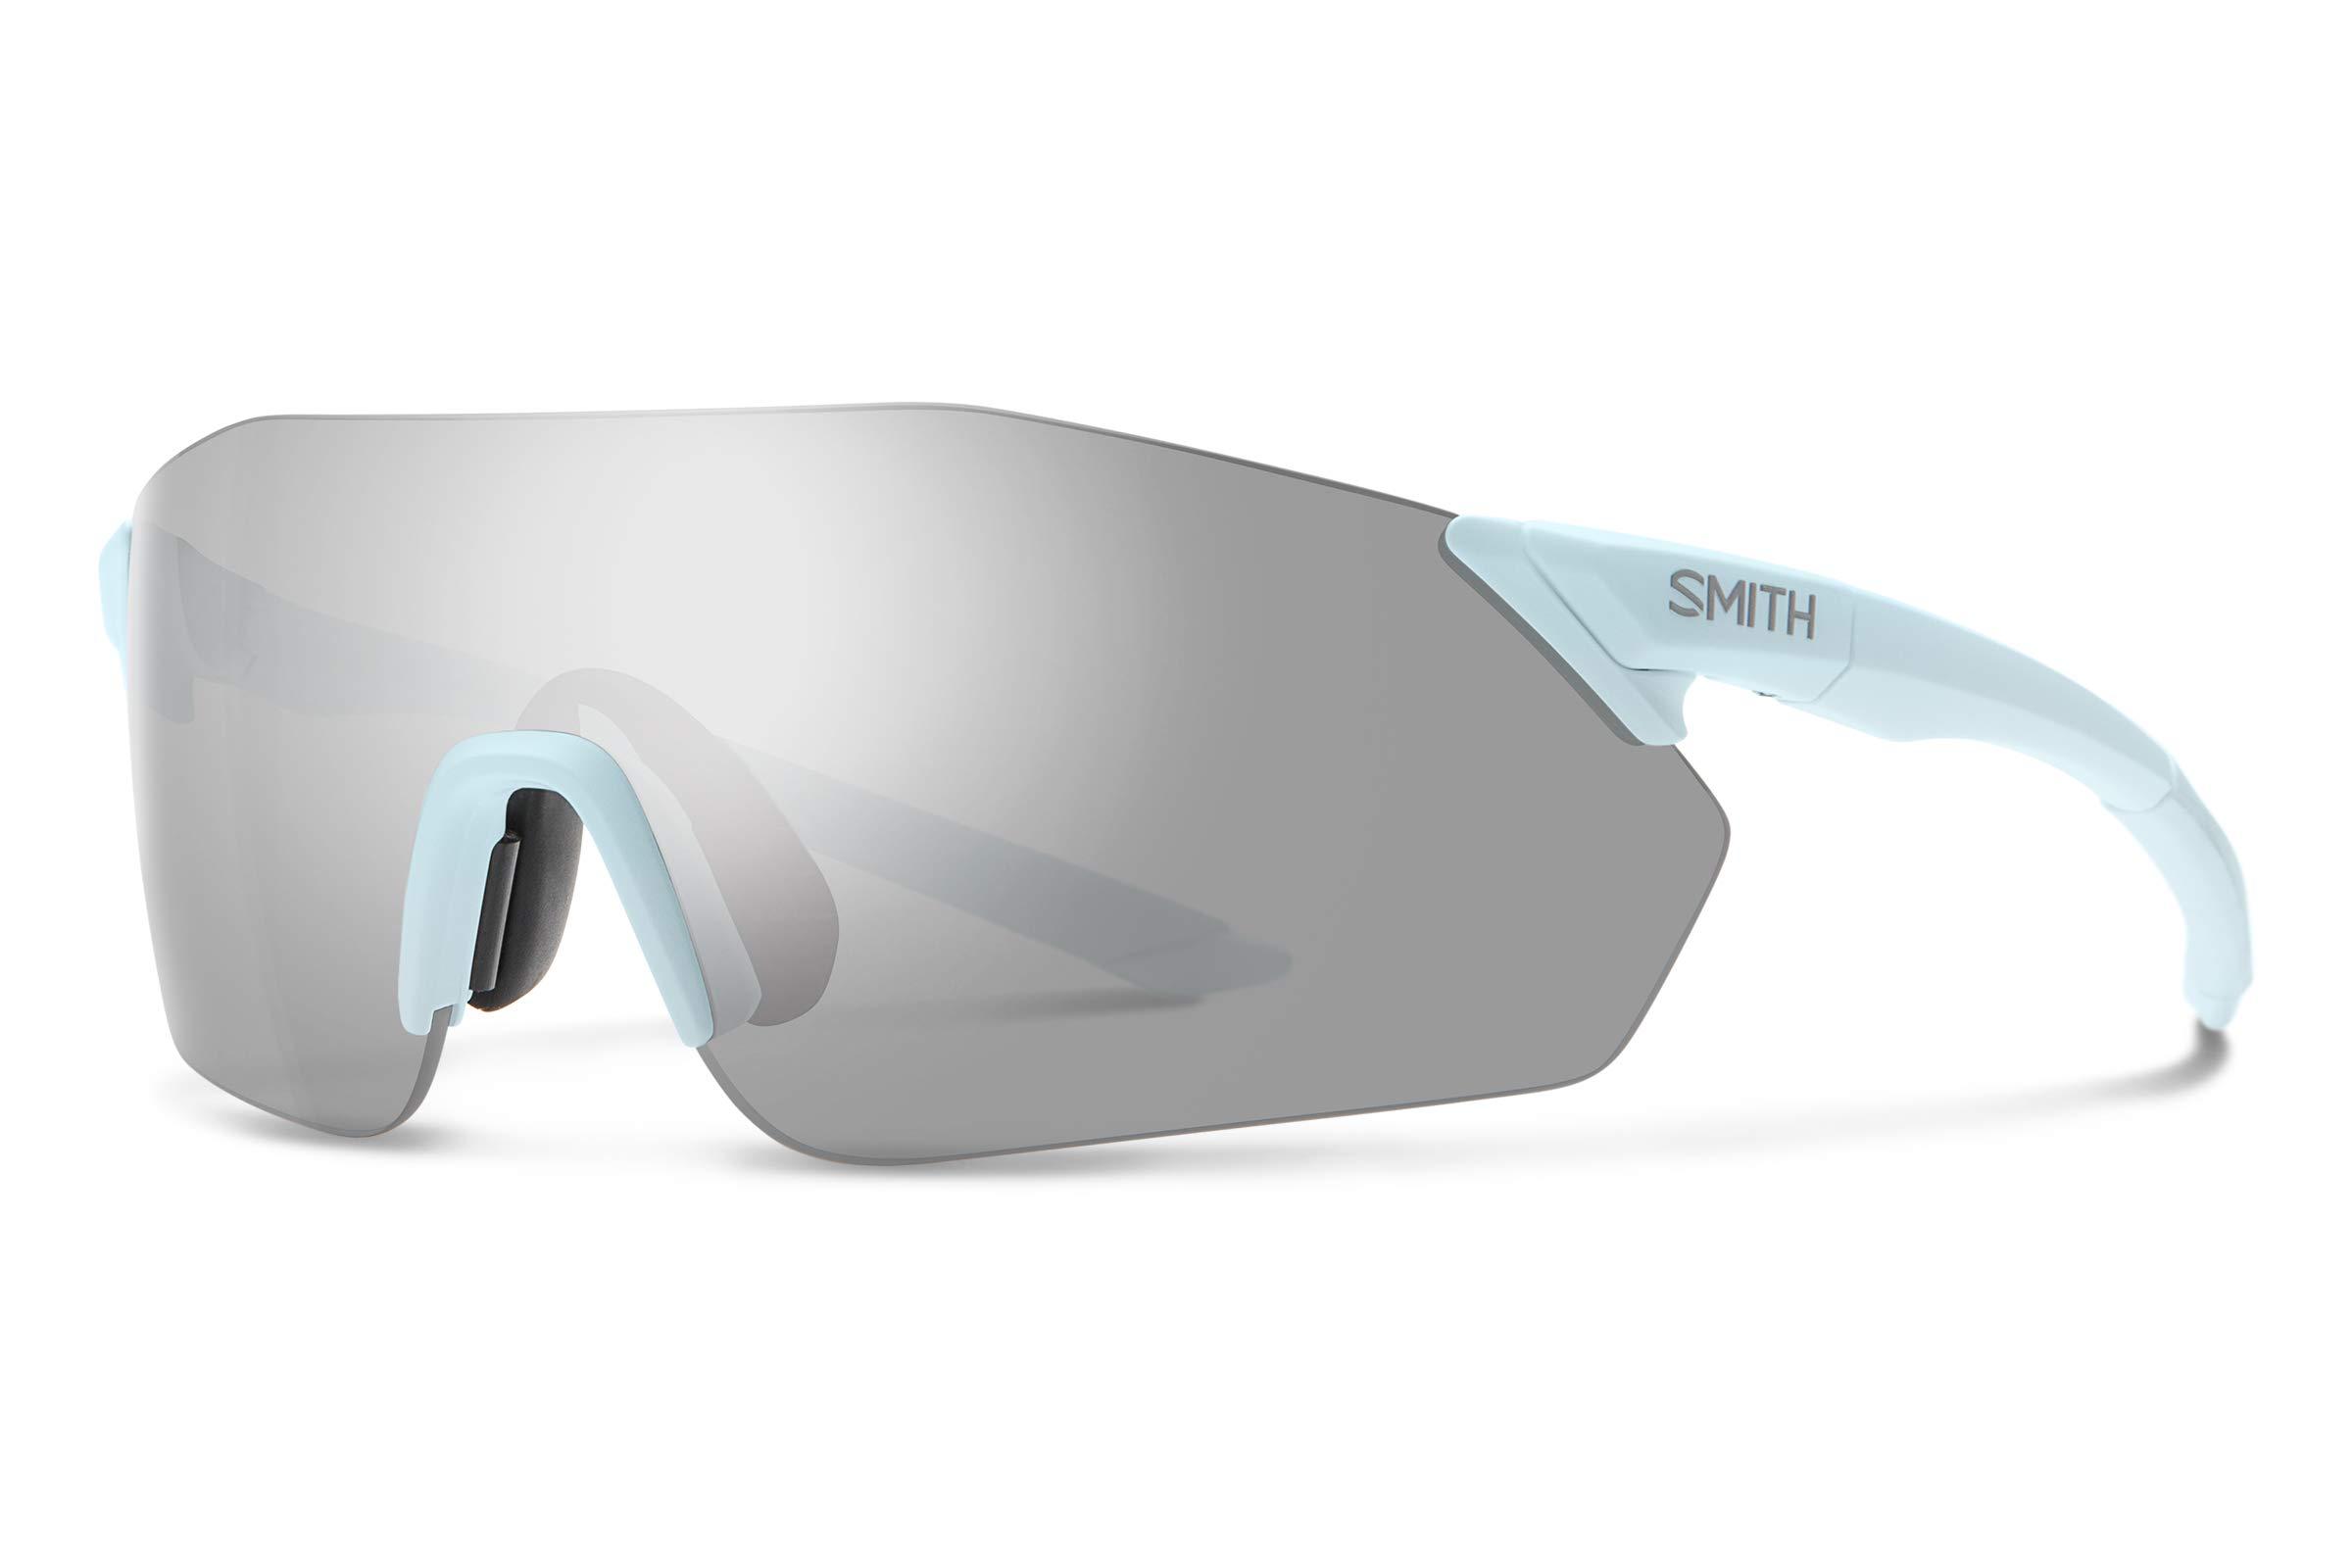 Smith Reverb Chromapop Sunglasses, Powder Blue, Chromapop Platinum/Contrast Rose